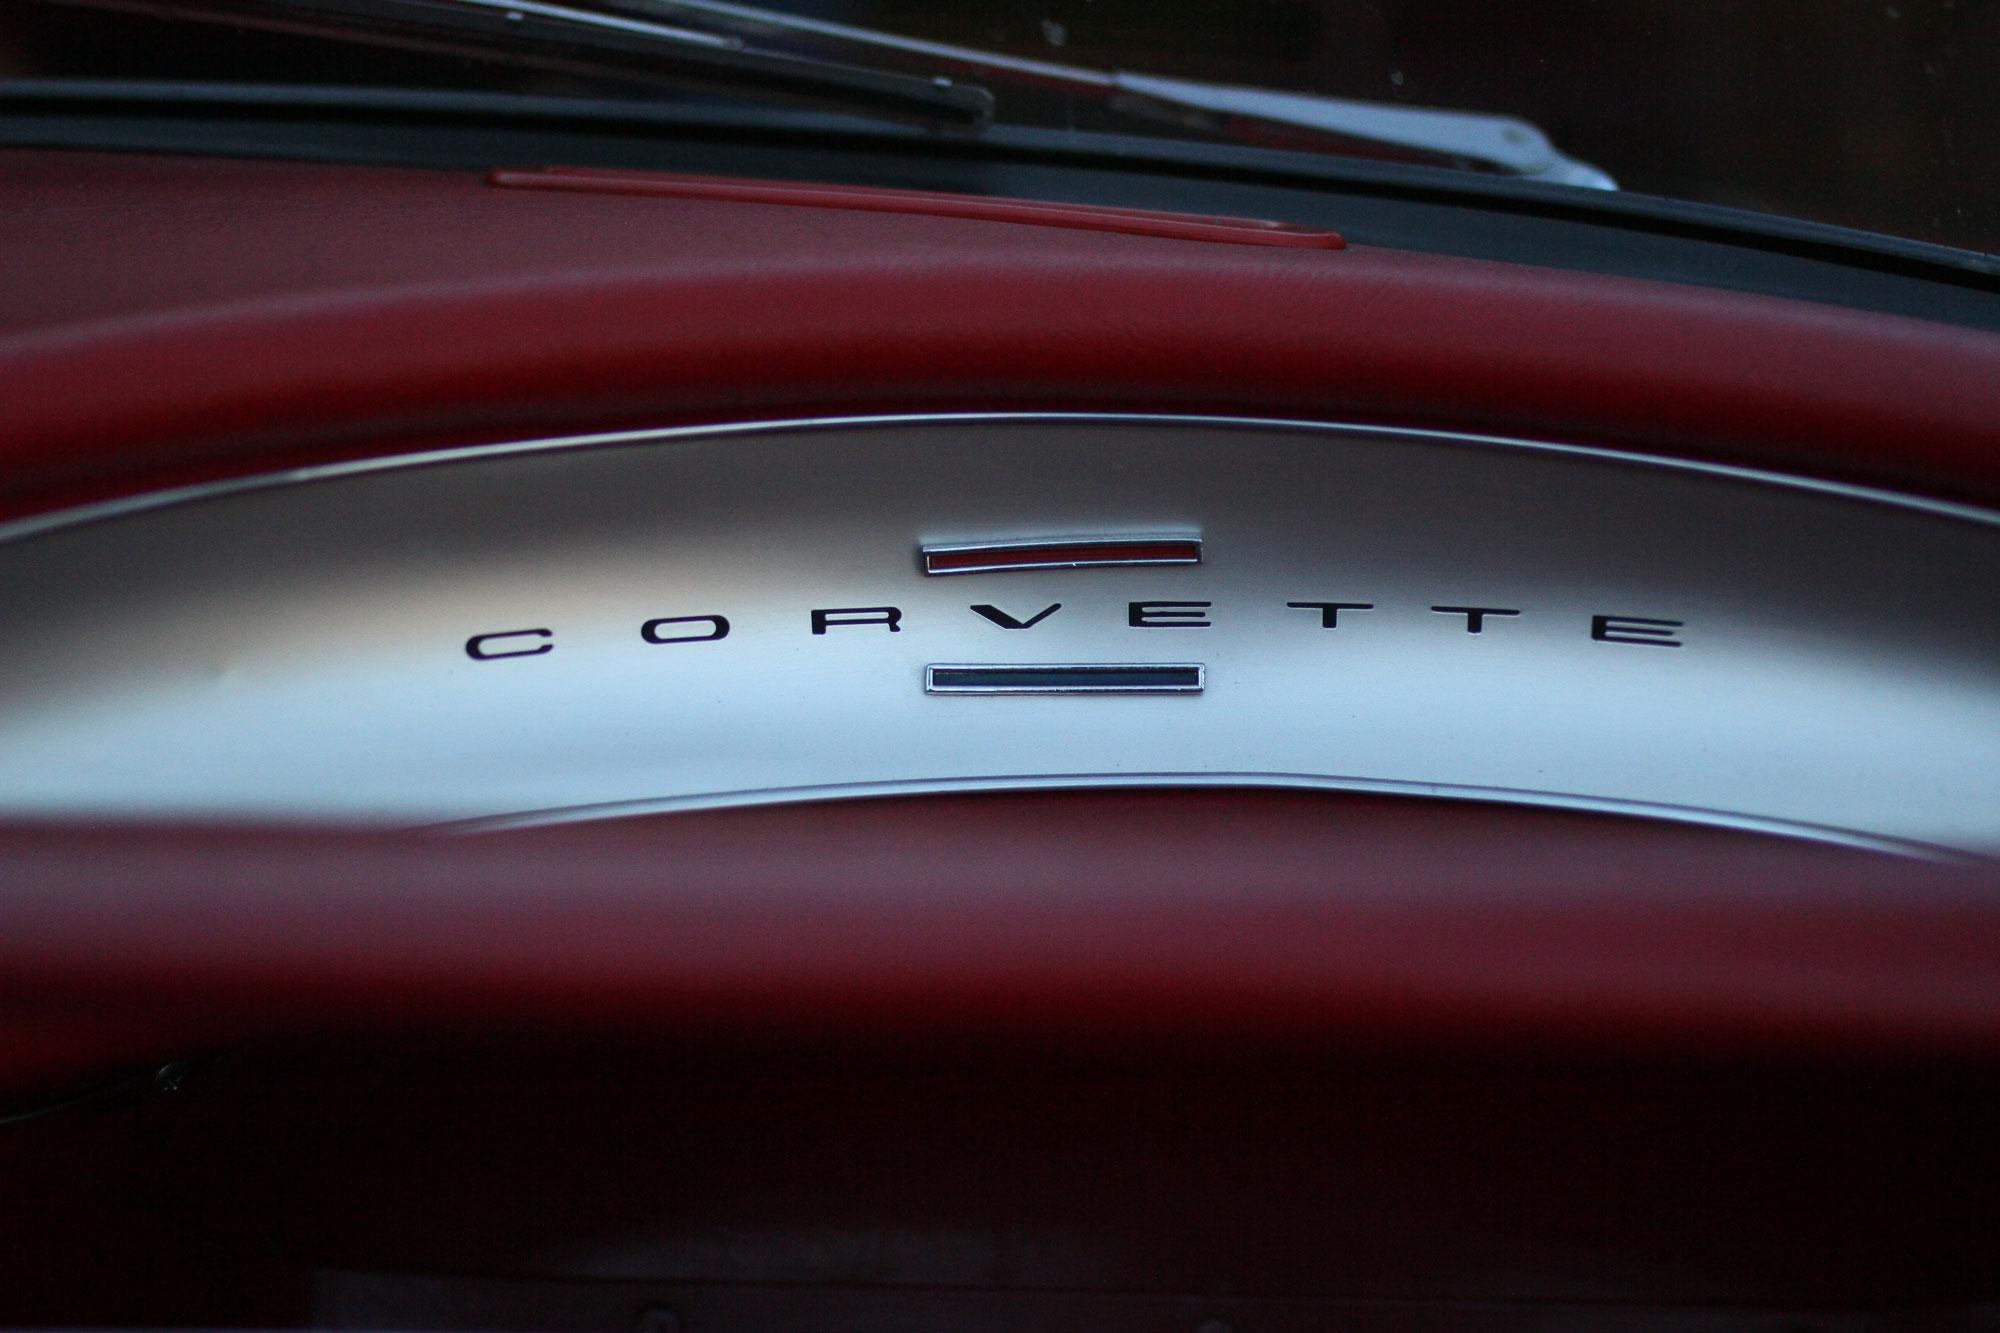 Corvette C1 inredning med corvette fonten och de klassiska röda och blåa färgerna